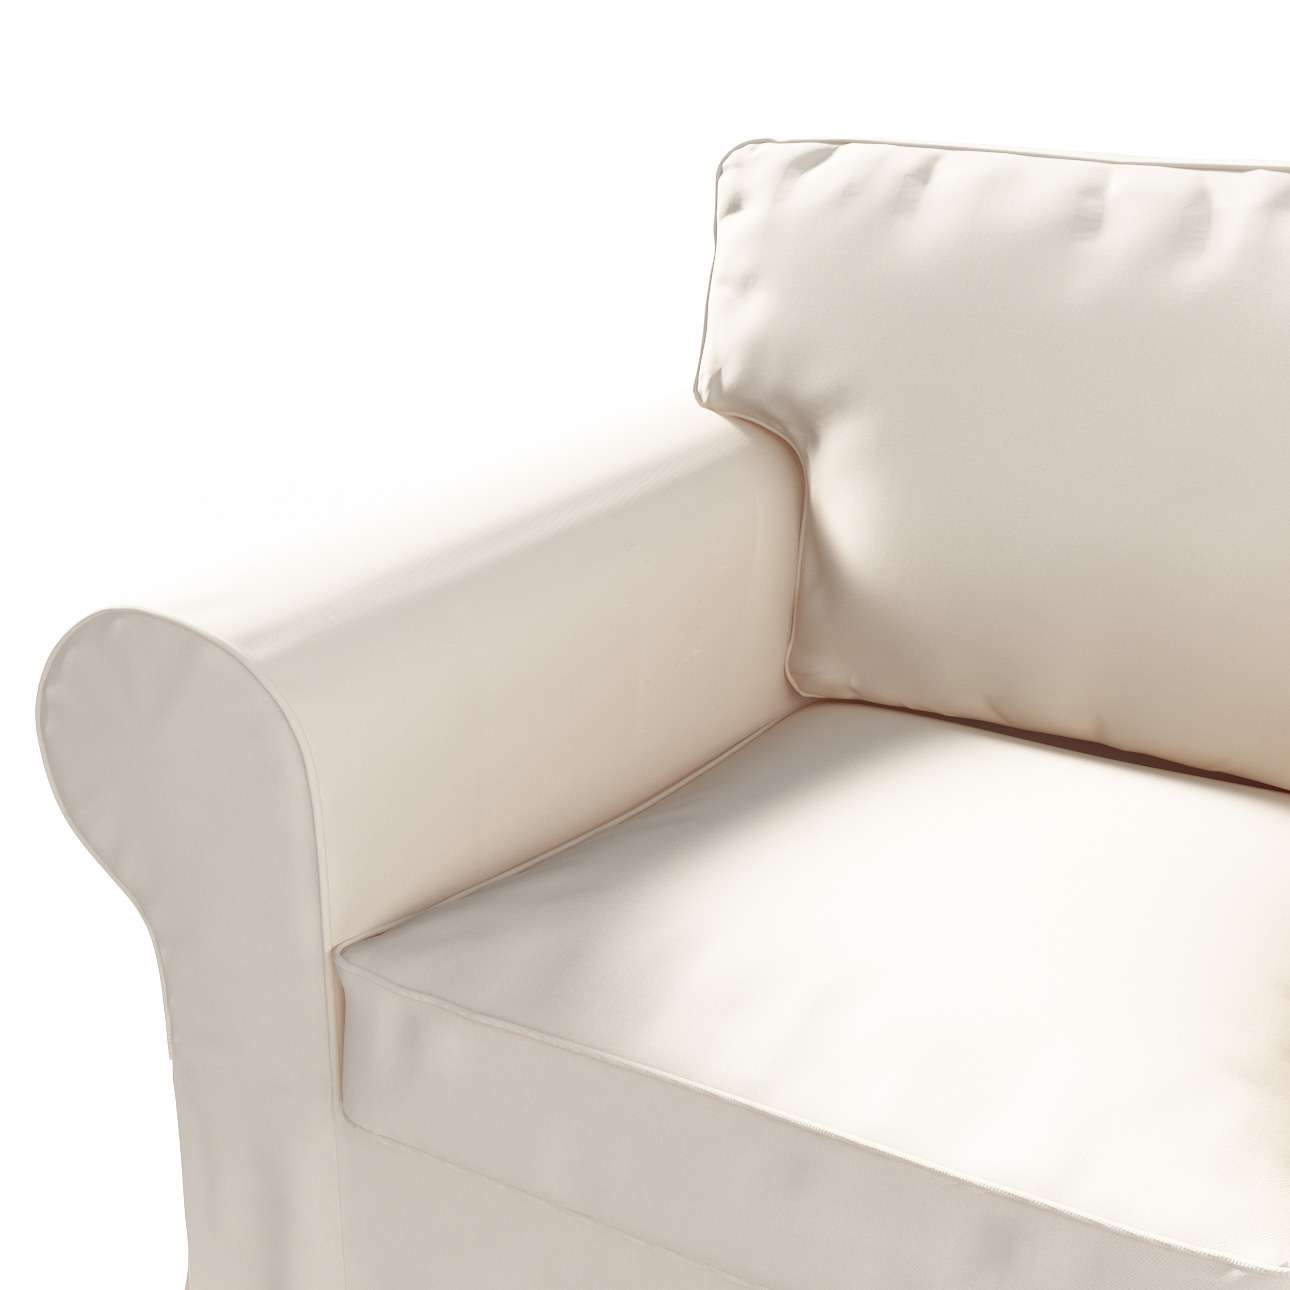 Pokrowiec na fotel Ektorp Fotel Ektorp w kolekcji Etna , tkanina: 705-01